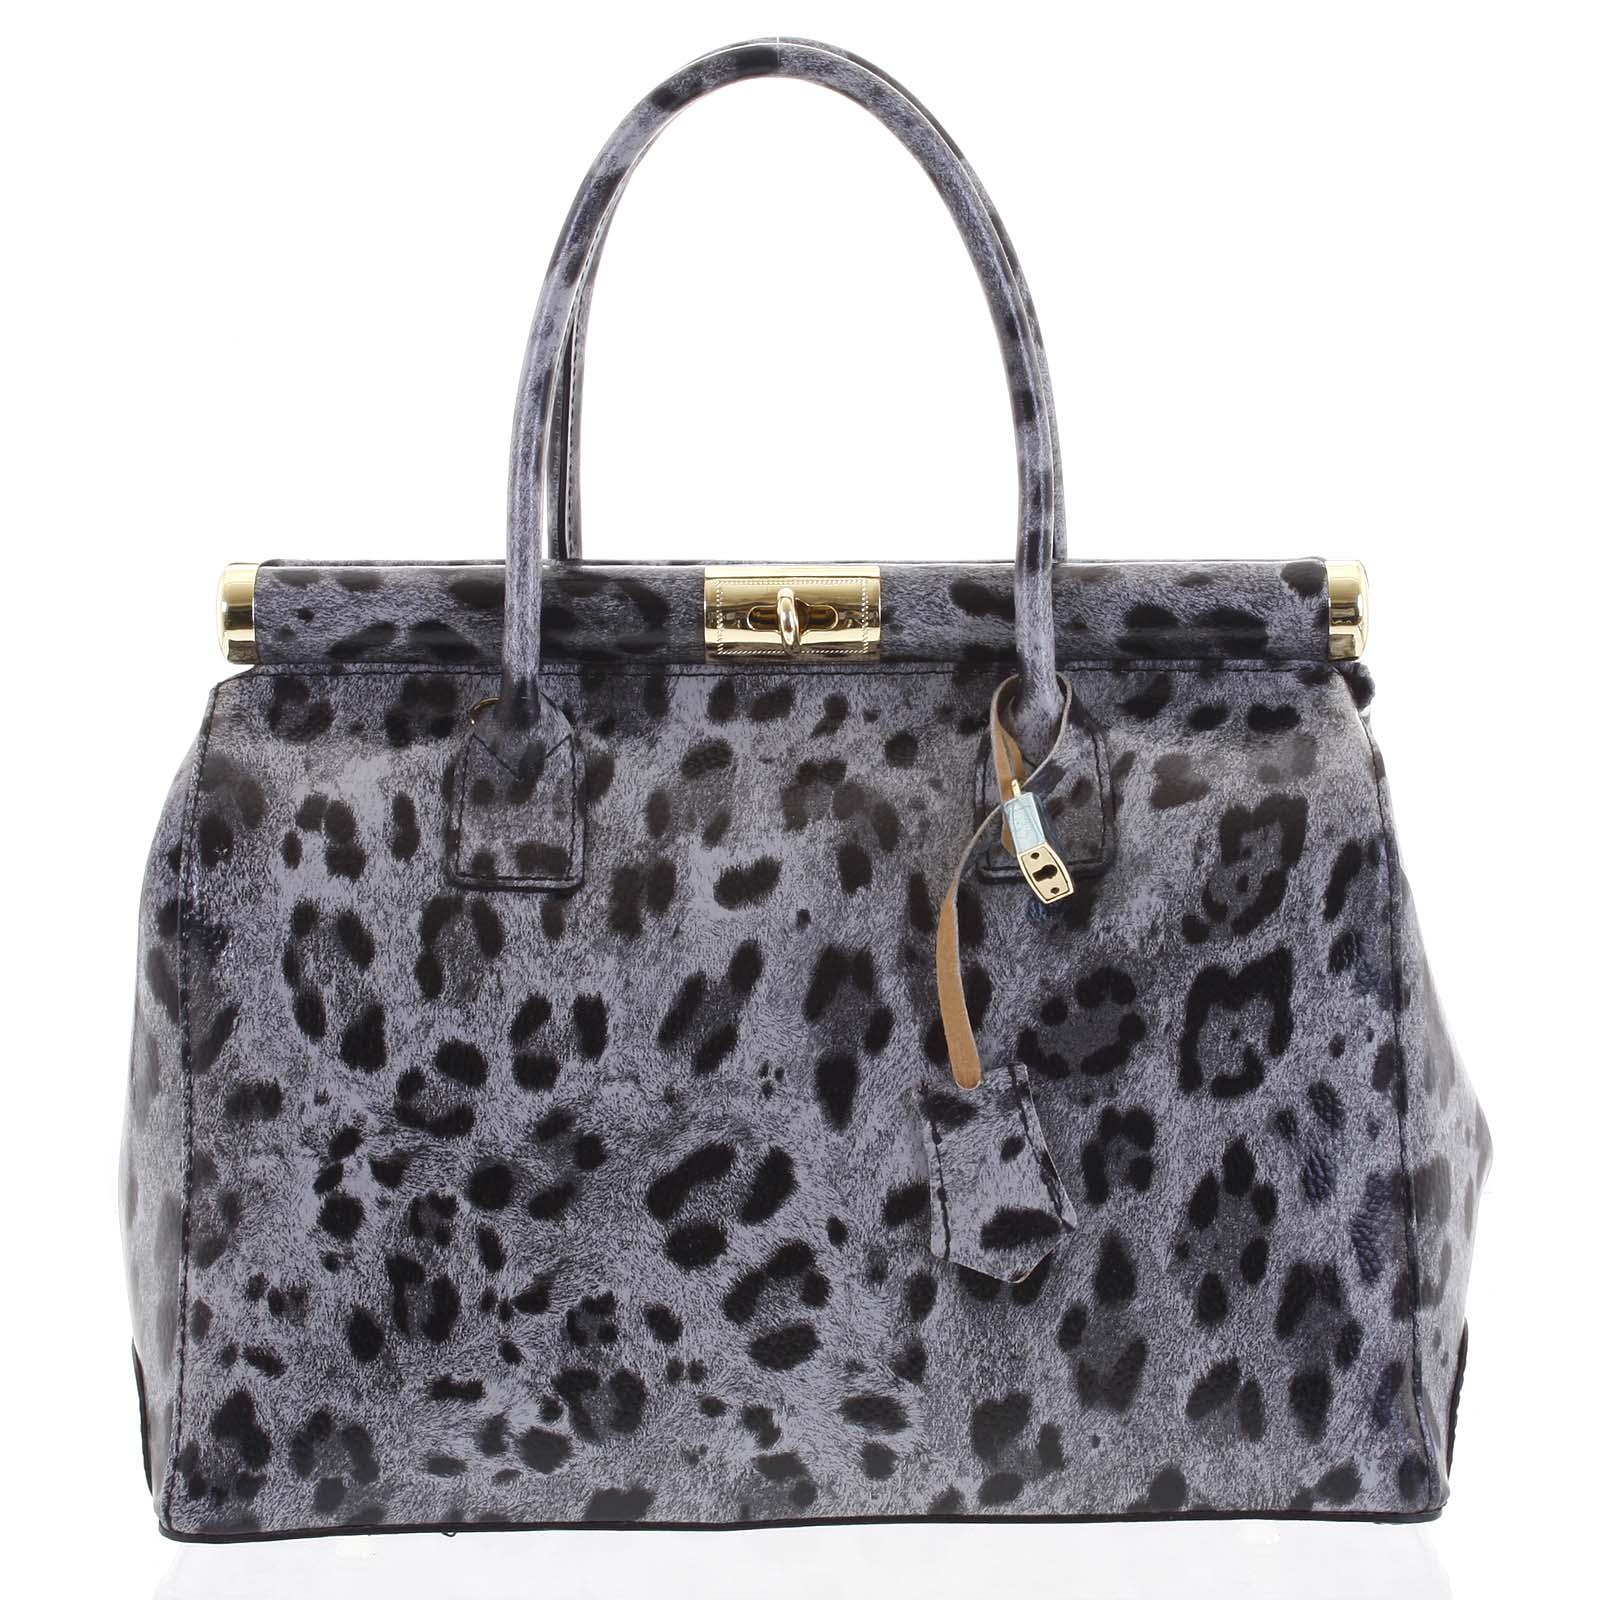 Módní originální dámská kožená kabelka do ruky šedá - ItalY Hila Jaguar